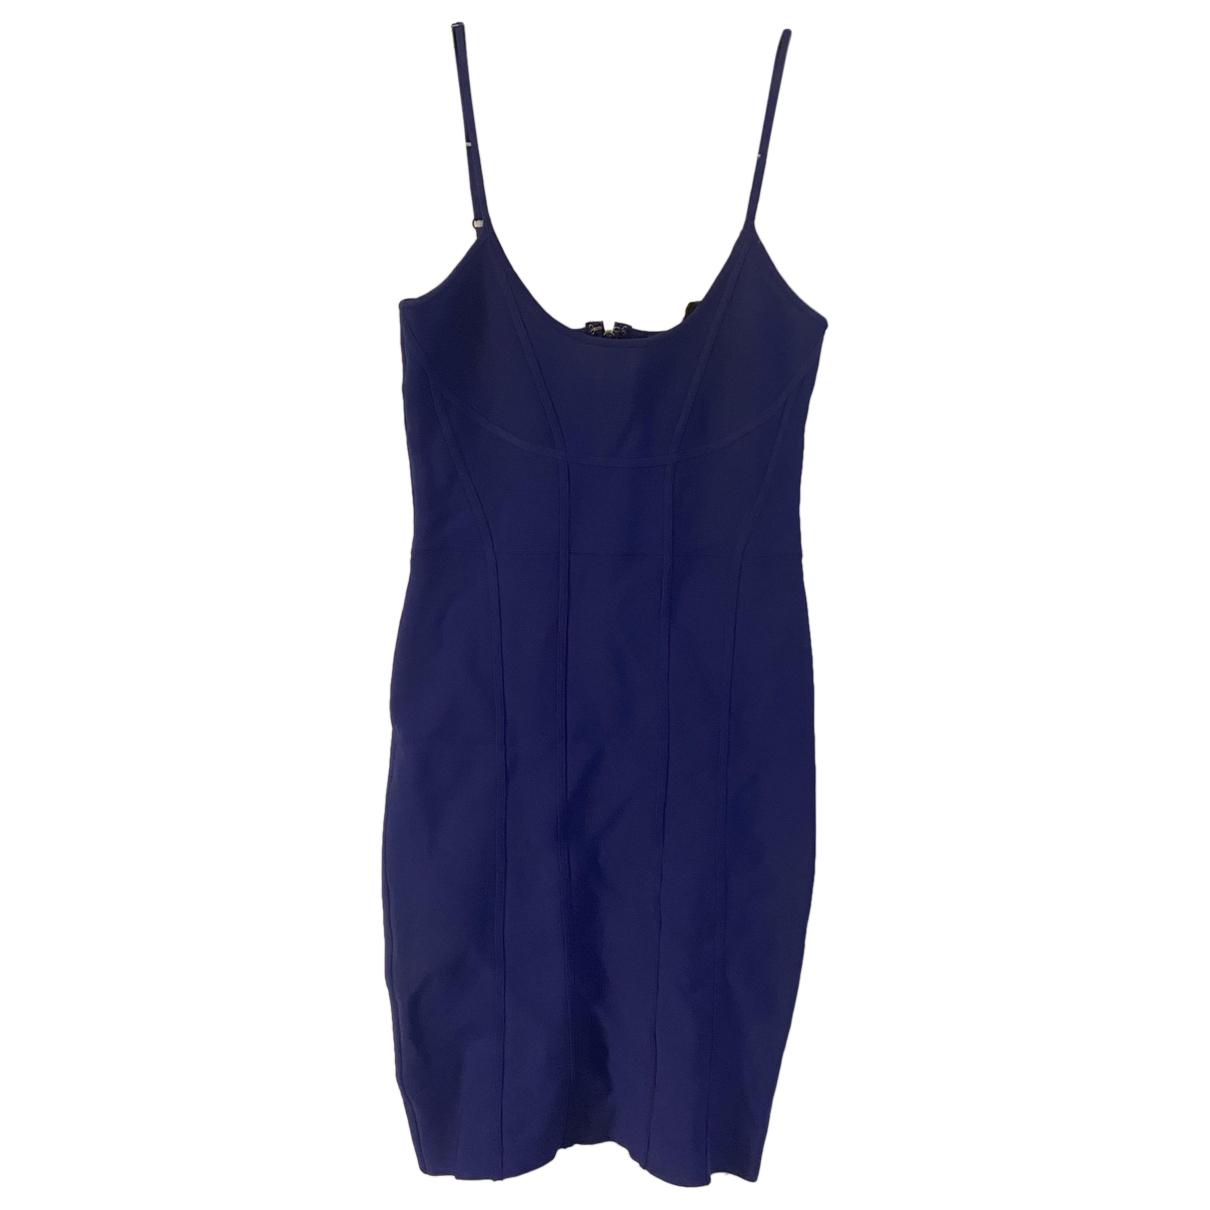 Bcbg Max Azria - Robe   pour femme en coton - elasthane - bleu